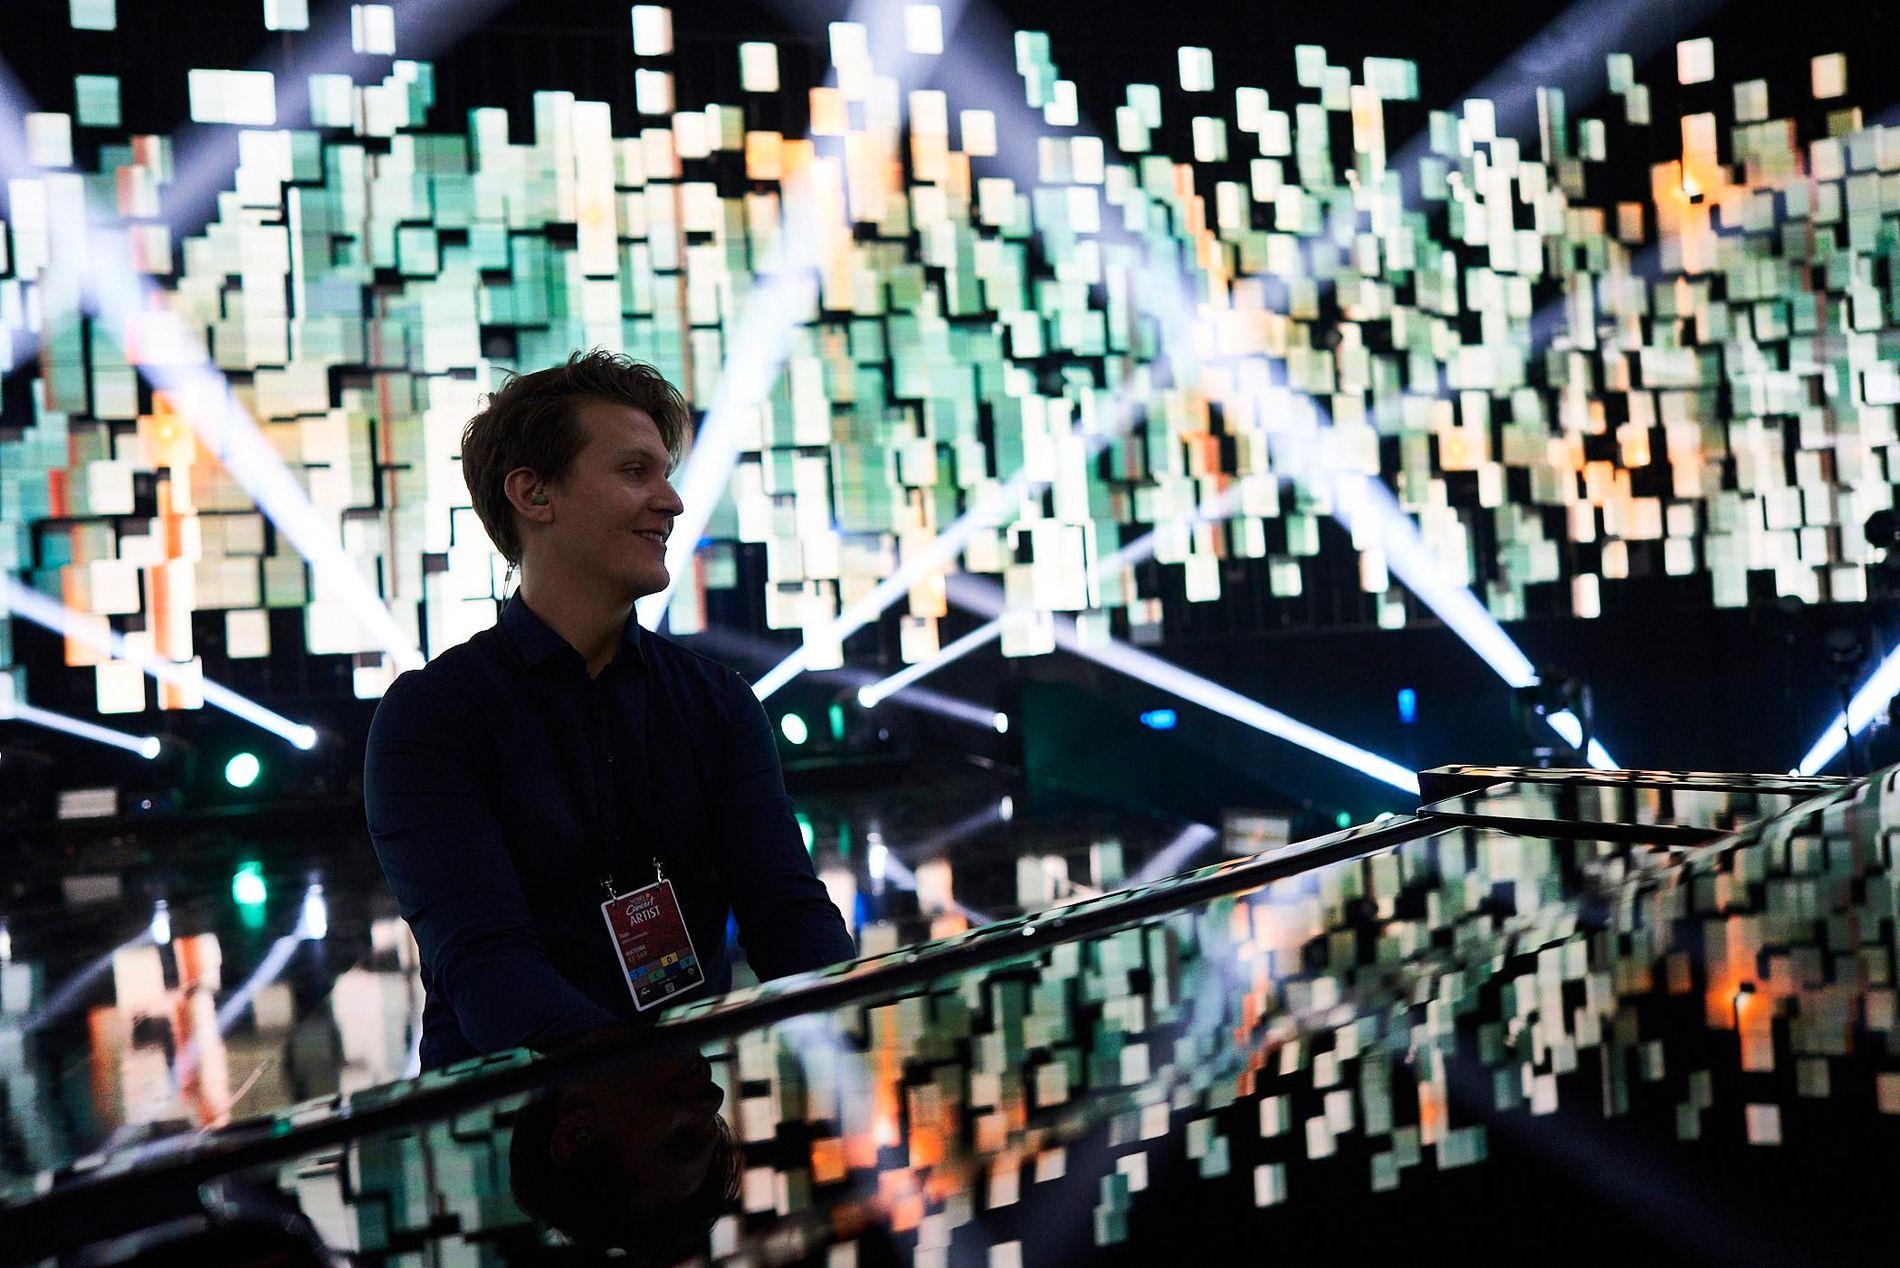 FRA PRØVENE: Her utforsker Matoma lyden i Telenor Arena noen timer før det braker løs på Nobel Fredspris-konsert.